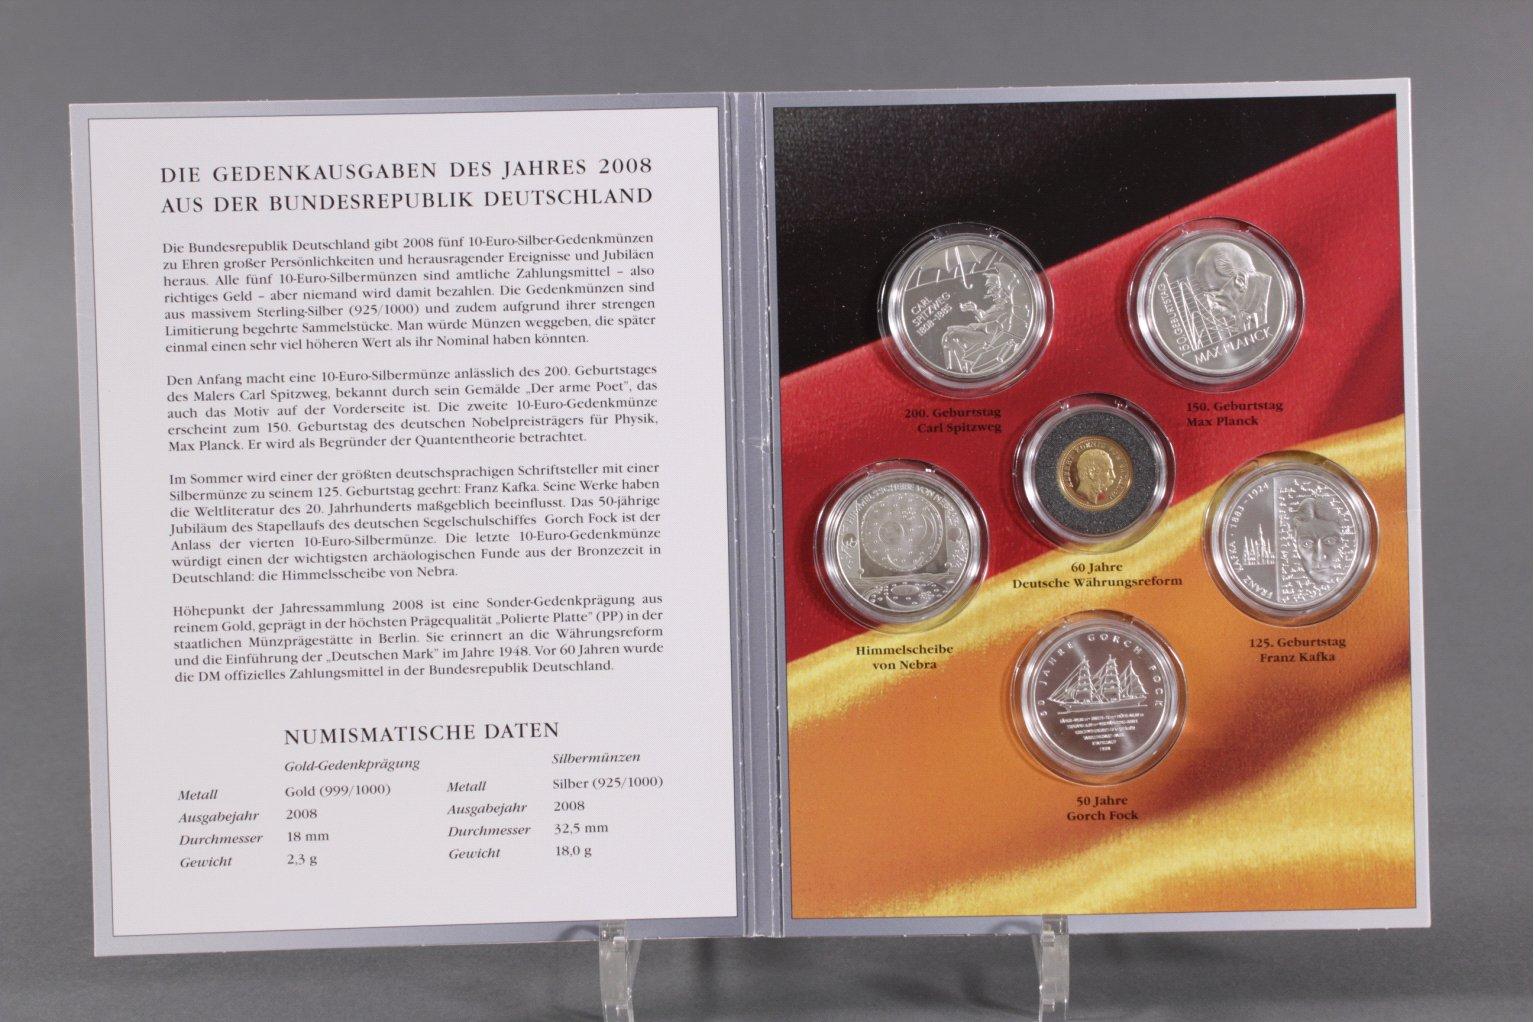 Die Gedenkausgaben des Jahres 2008, inkl. Goldmünze